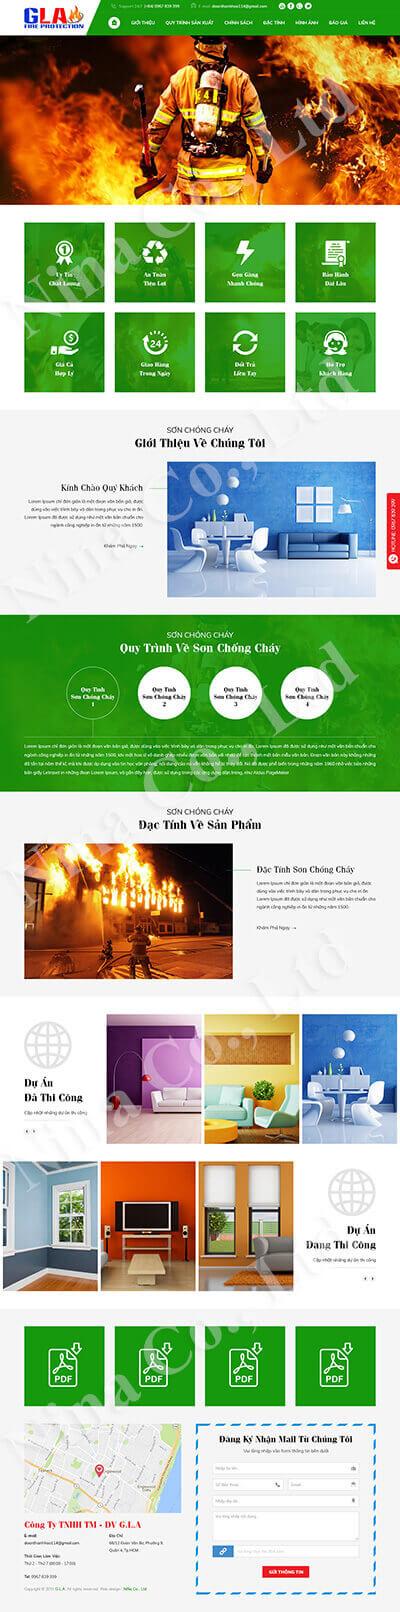 Công ty TNHH TM DV G.L.A